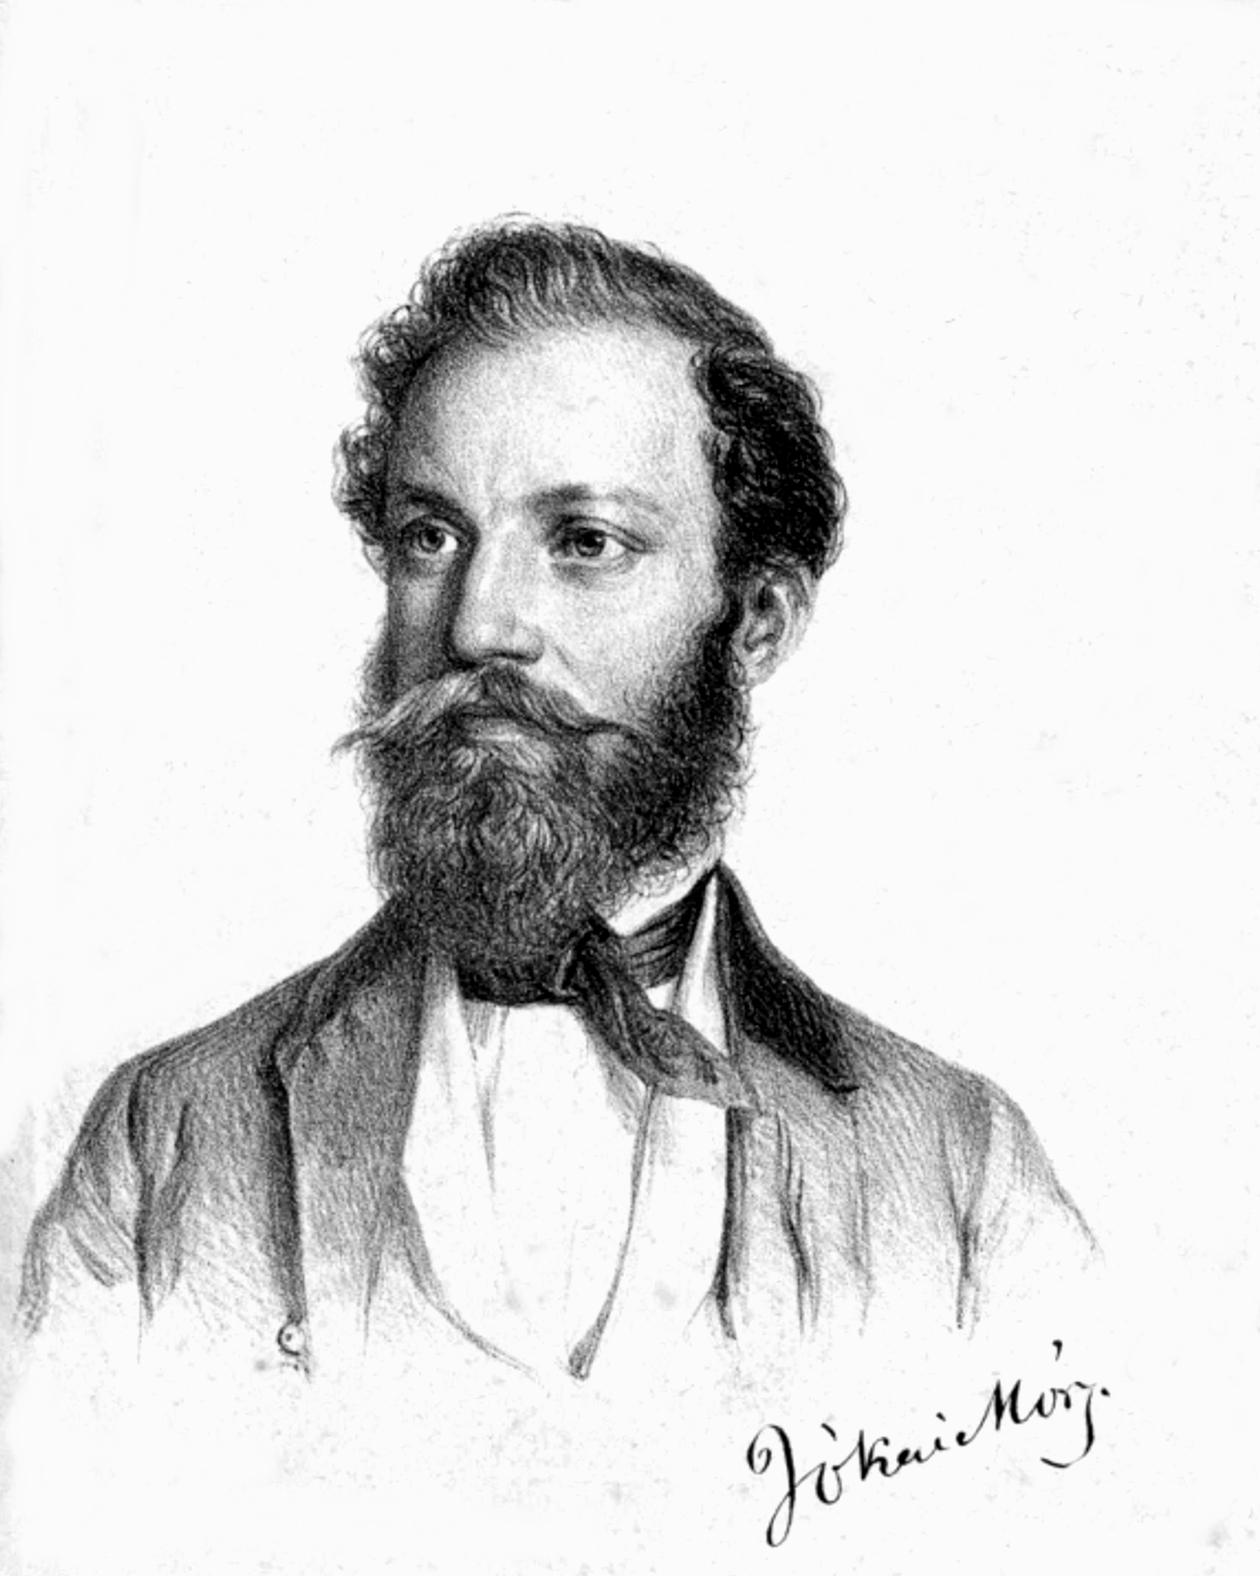 Jókai nem csak színesen írt, úgy is élt – Hogyan nyaralt egy híresség 150 éve a Balatonon?